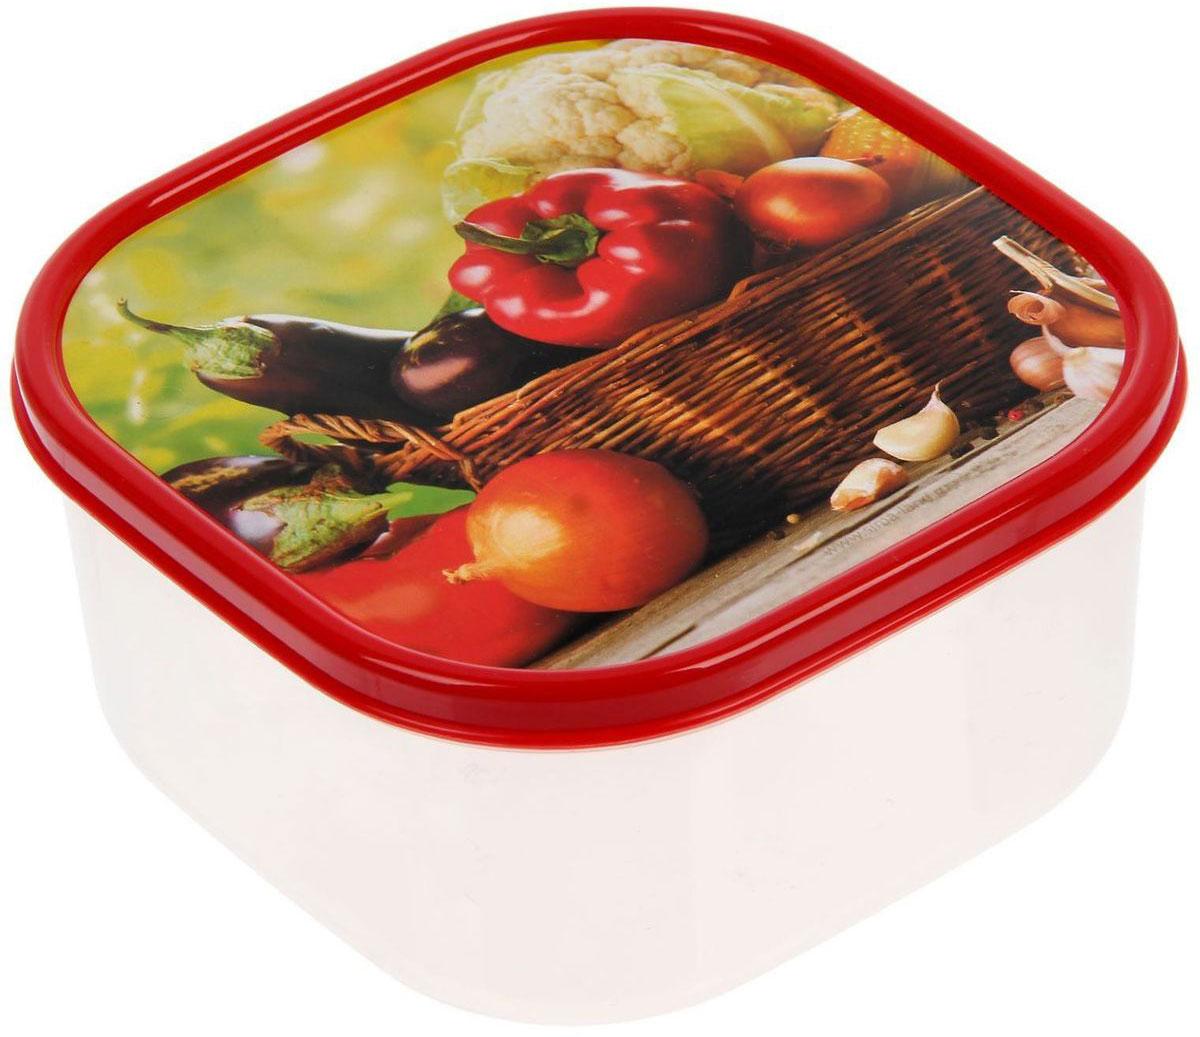 Ланч-бокс Доляна №5, квадратный, 700 мл1333978Если после вкусного обеда осталась еда, а насладиться трапезой хочется и на следующий день, ланч-бокс станет отличным решением данной проблемы!Такой контейнер является незаменимым предметом кухонной утвари, ведь у него много преимуществ:Простота ухода. Ланч-бокс достаточно промыть тёплой водой с небольшим количеством чистящего средства, и он снова готов к использованию.Вместительность. Большой выбор форм и объёма поможет разместить разнообразные продукты от сахара до супов.Эргономичность. Ланч-боксы очень легко хранить даже в самой маленькой кухне, так как их можно поставить один в другой по принципу матрёшки.Многофункциональность. Разнообразие цветов и форм делает возможным использование контейнеров не только на кухне, но и в других областях домашнего быта.Любители приготовления обеда на всю семью в большинстве случаев приобретают ланч-боксы наборами, так как это позволяет рассортировать продукты по всевозможным признакам. К тому же контейнеры среднего размера станут незаменимыми помощниками на работе: ведь что может быть приятнее, чем порадовать себя во время обеда прекрасной едой, заботливо сохранённой в контейнере?В качестве материала для изготовления используется пластик, что делает процесс ухода за контейнером ещё более эффективным. К каждому ланч-боксу в комплекте также прилагается крышка подходящего размера, это позволяет плотно и надёжно удерживать запах еды и упрощает процесс транспортировки.Однако рекомендуется соблюдать и меры предосторожности: не использовать пластиковые контейнеры в духовых шкафах и на открытом огне, а также не разогревать в микроволновых печах при закрытой крышке ланч-бокса. Соблюдение мер безопасности позволит продлить срок эксплуатации и сохранить отличный внешний вид изделия.Эргономичный дизайн и многофункциональность таких контейнеров — вот, что является причиной большой популярности данного предмета у каждой хозяйки. А в преддверии лета и дачного сезона такое приобретение позволит под